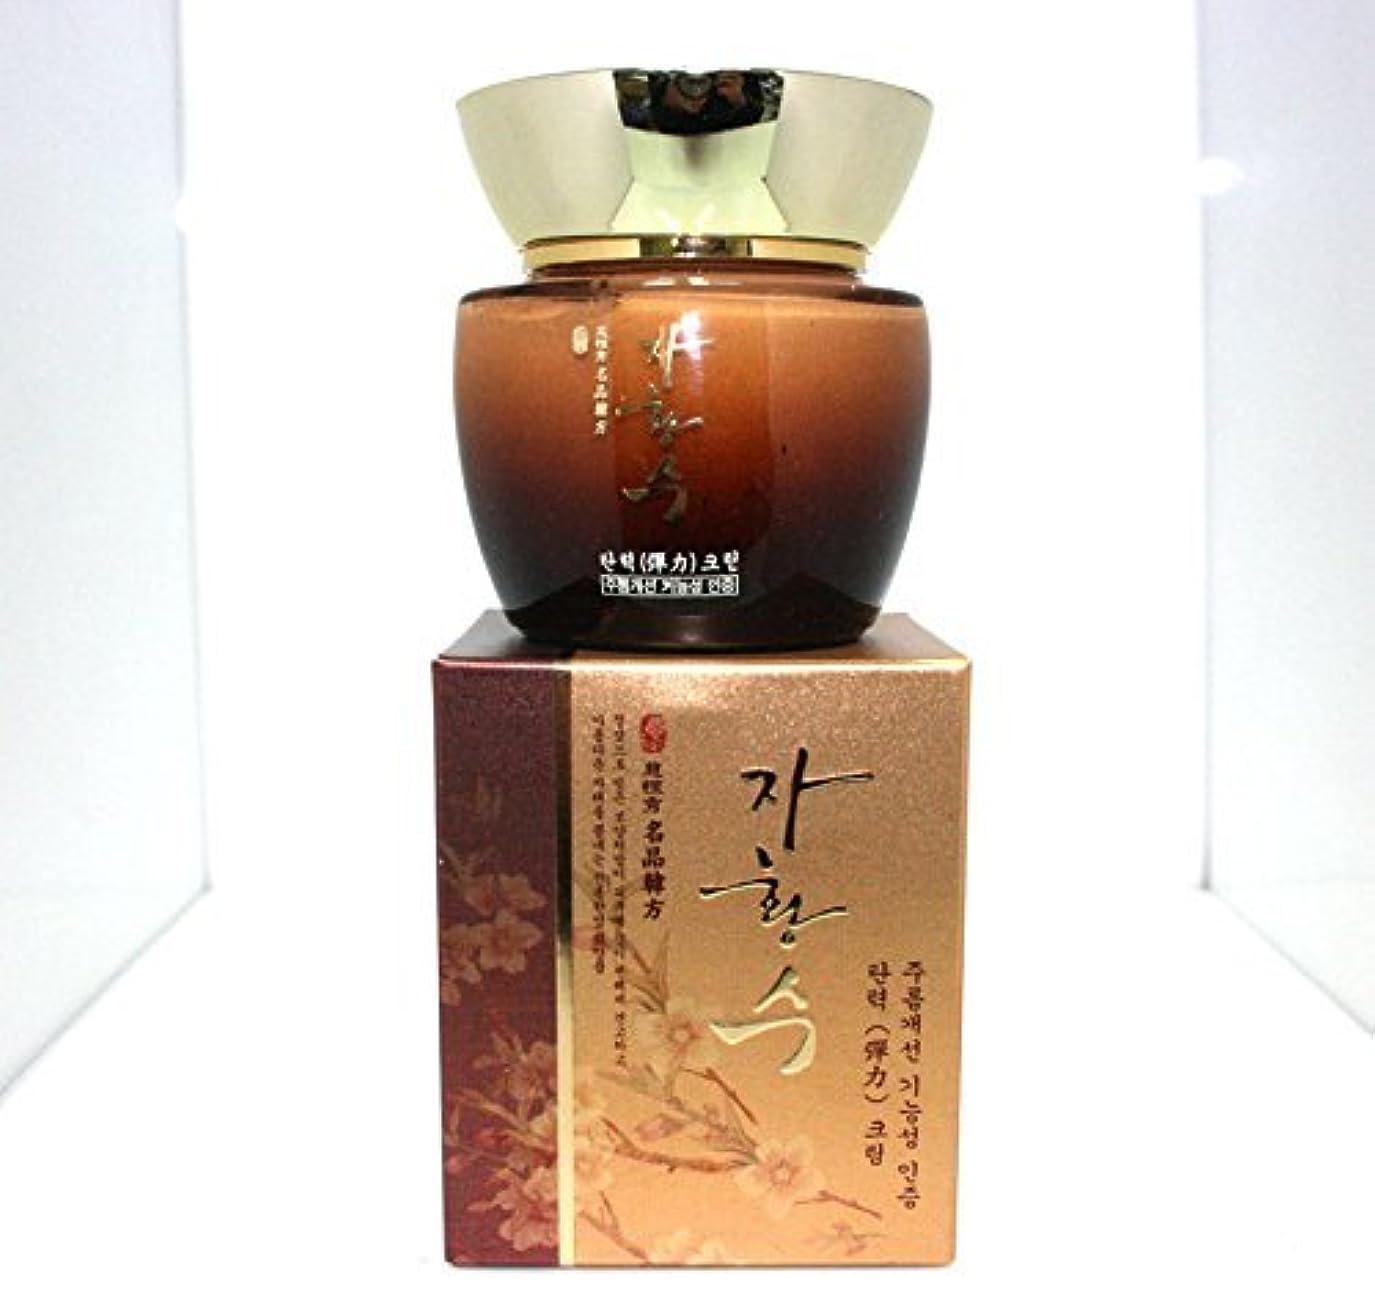 口実調停する従者[Ja Hwang Su] 弾性クリーム50ml /ハーブとローヤルゼリー/ 韓国化粧品 / Elastic Cream 50ml / herbs and Royal Jelly / Korean Cosmetics [...